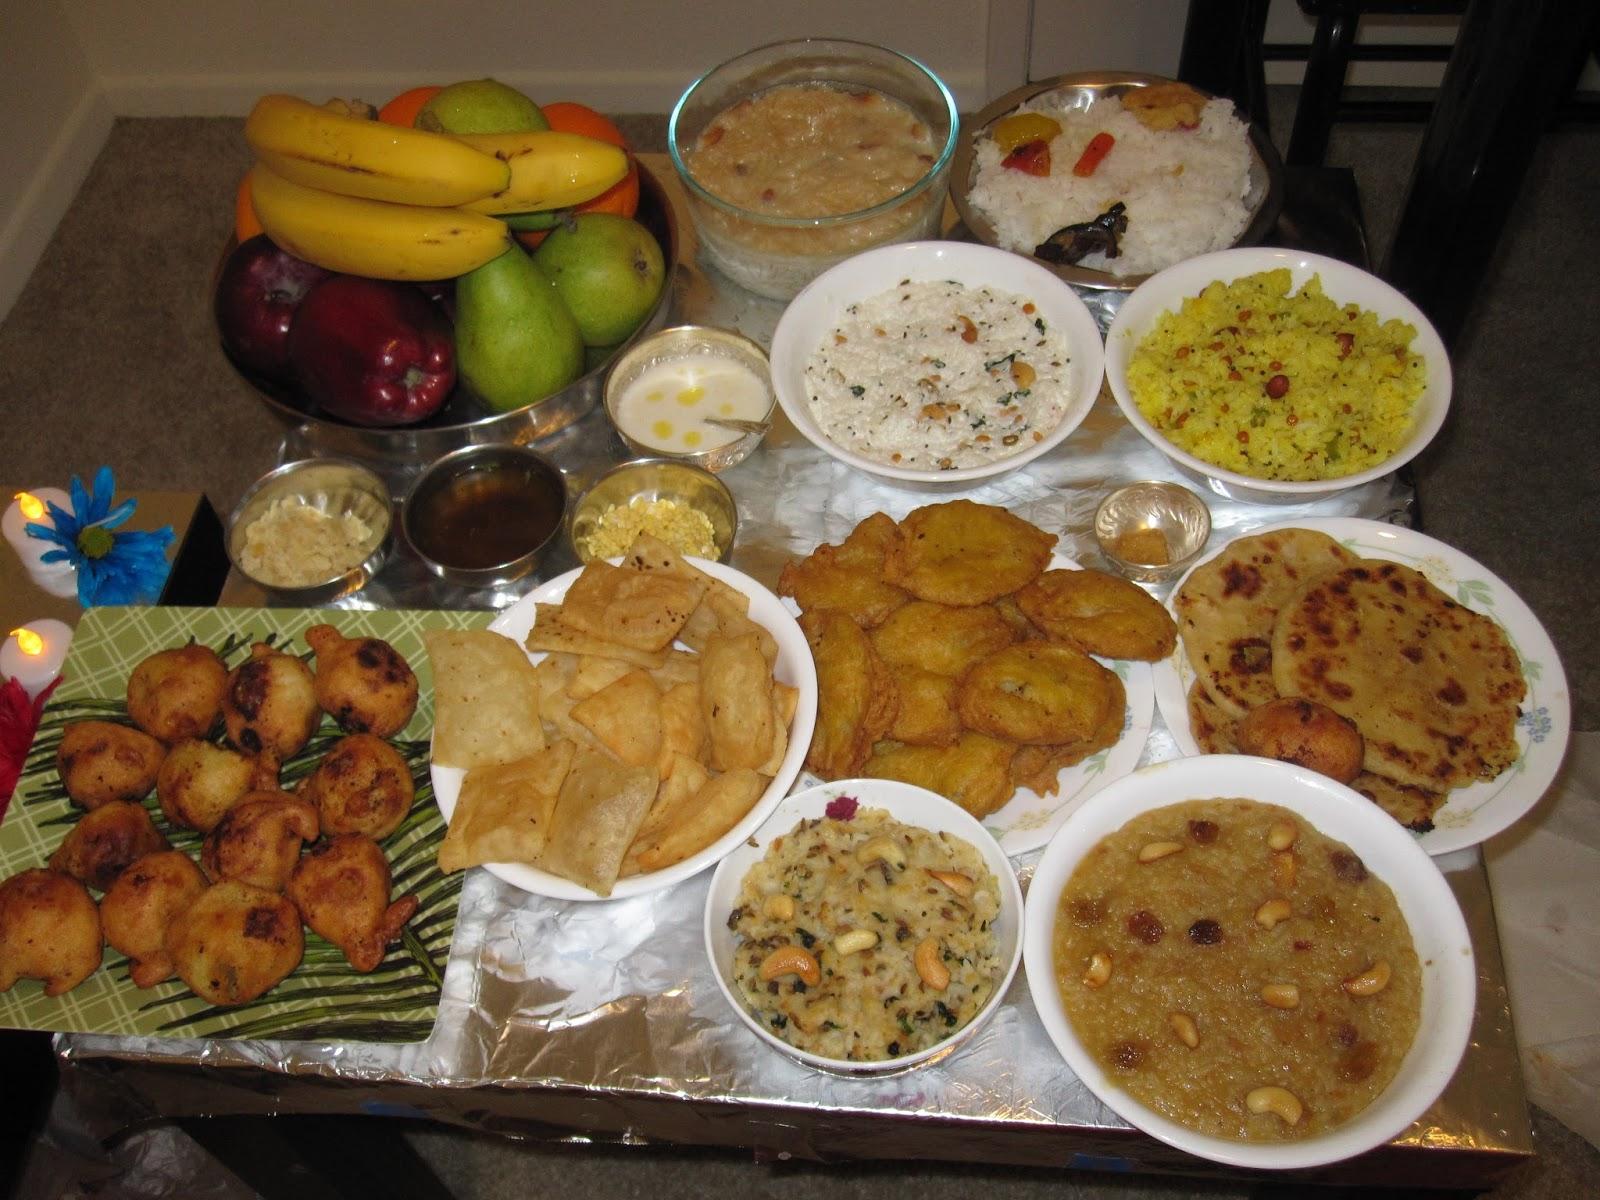 Gowri S Kitchen World